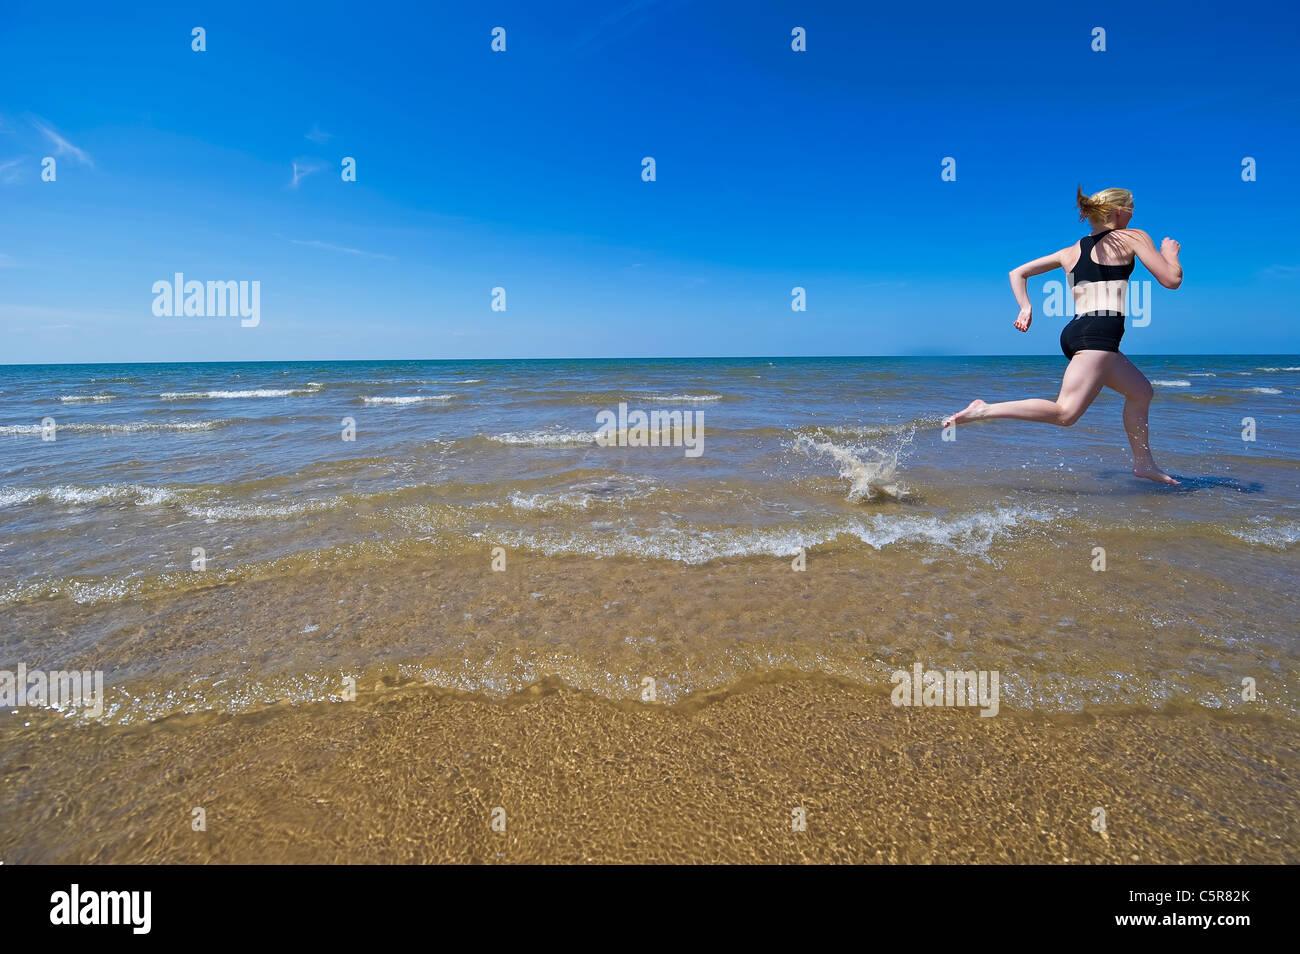 Womans trotar a lo largo de una playa de arena a través de las salpicaduras de las olas del océano. Imagen De Stock